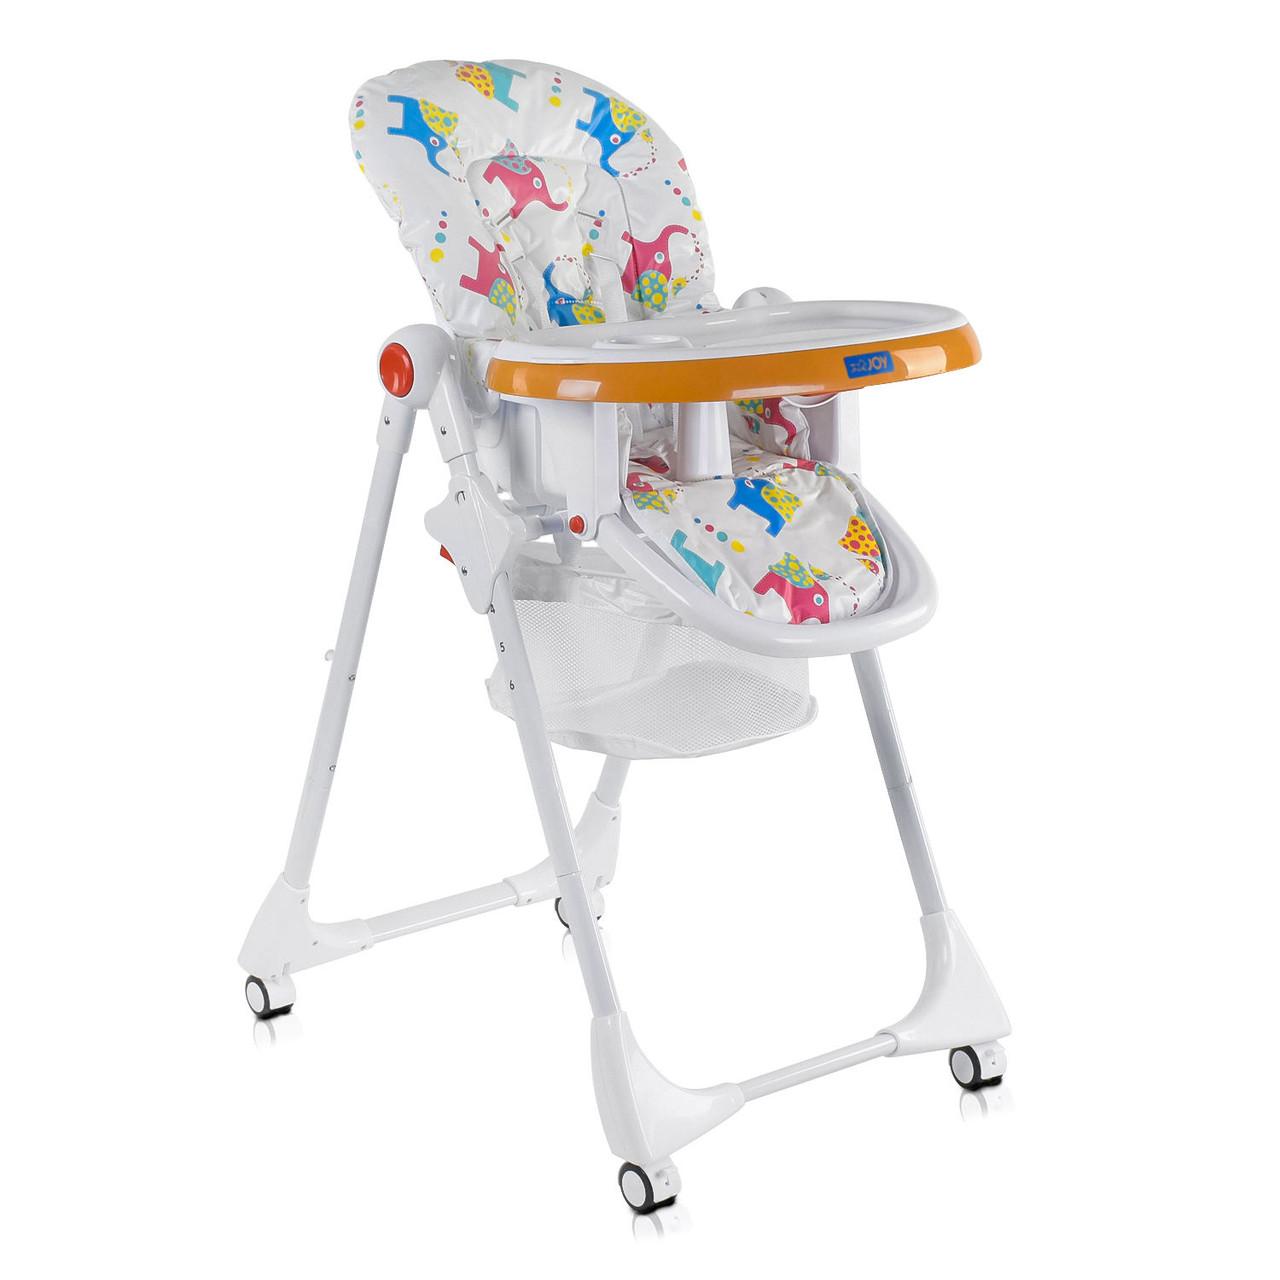 Детский стульчик для кормления JOY К-55448 Слоники Цвет бело-оранжевый Мягкий PVC Быстрая доставка